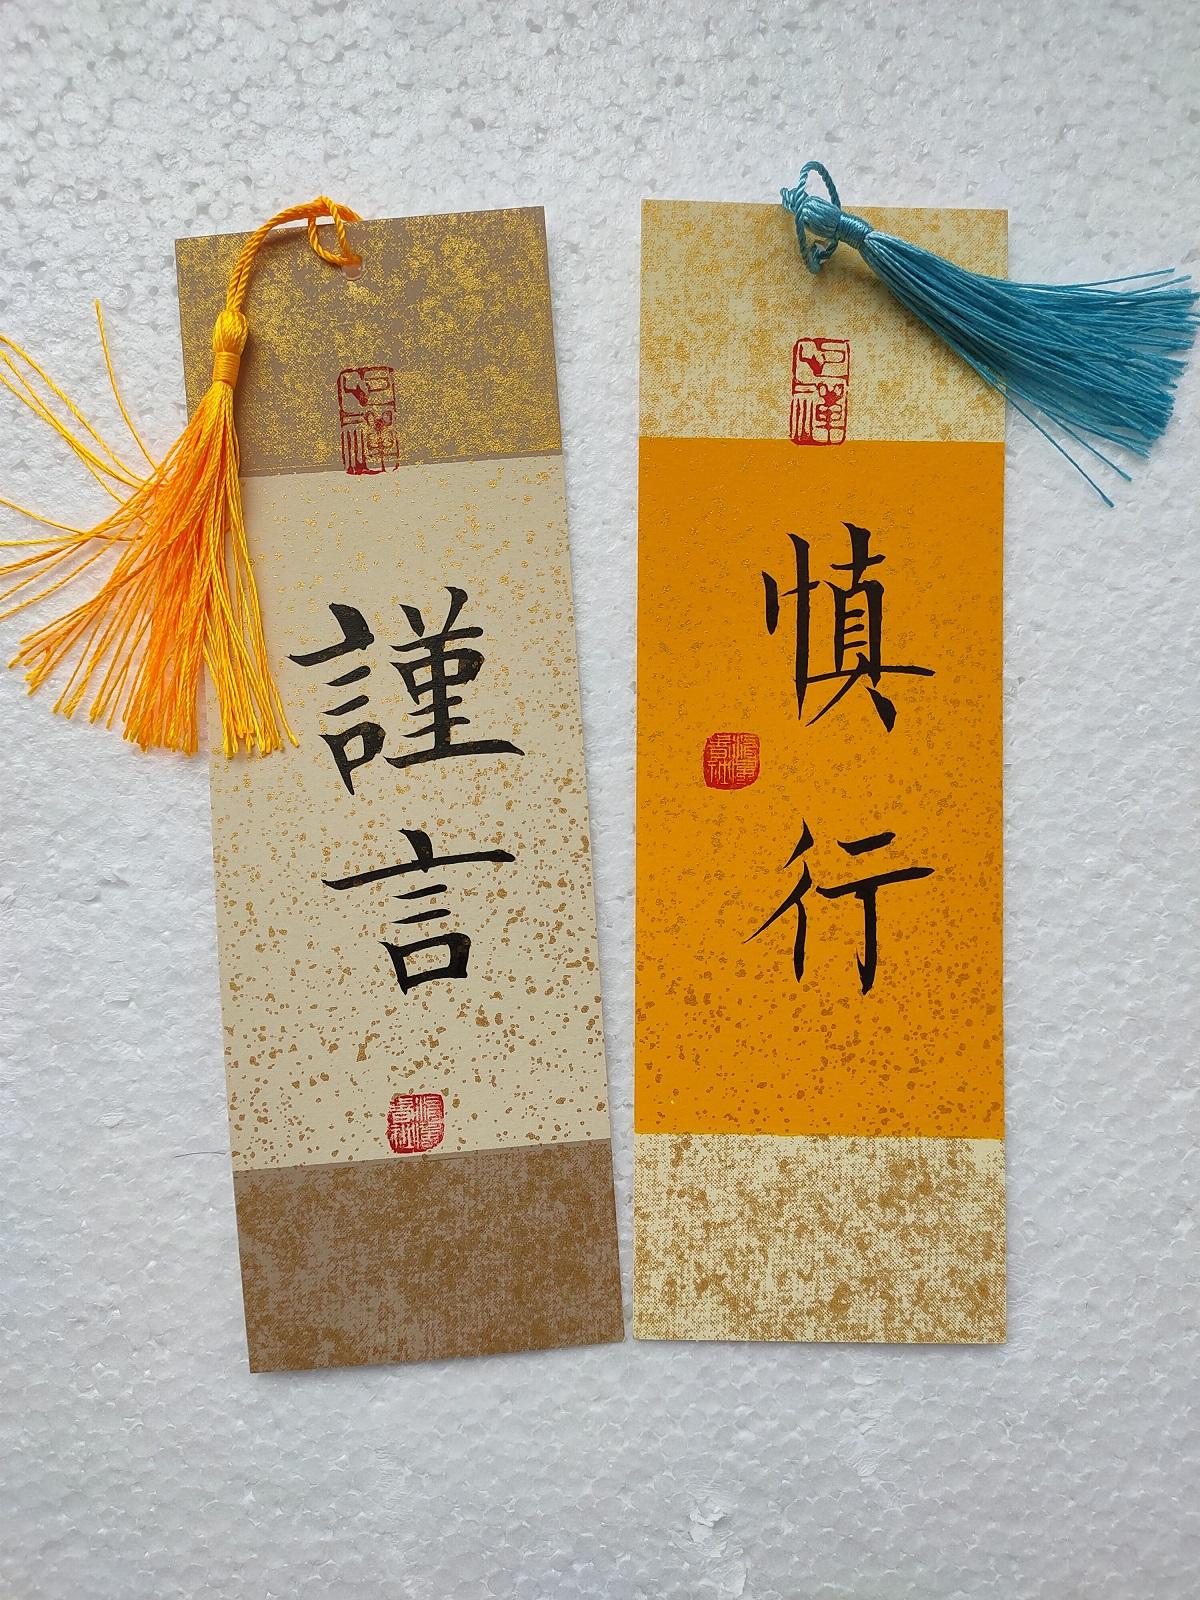 書簽古典中國風真跡創意可定制毛筆字手寫學生勵志